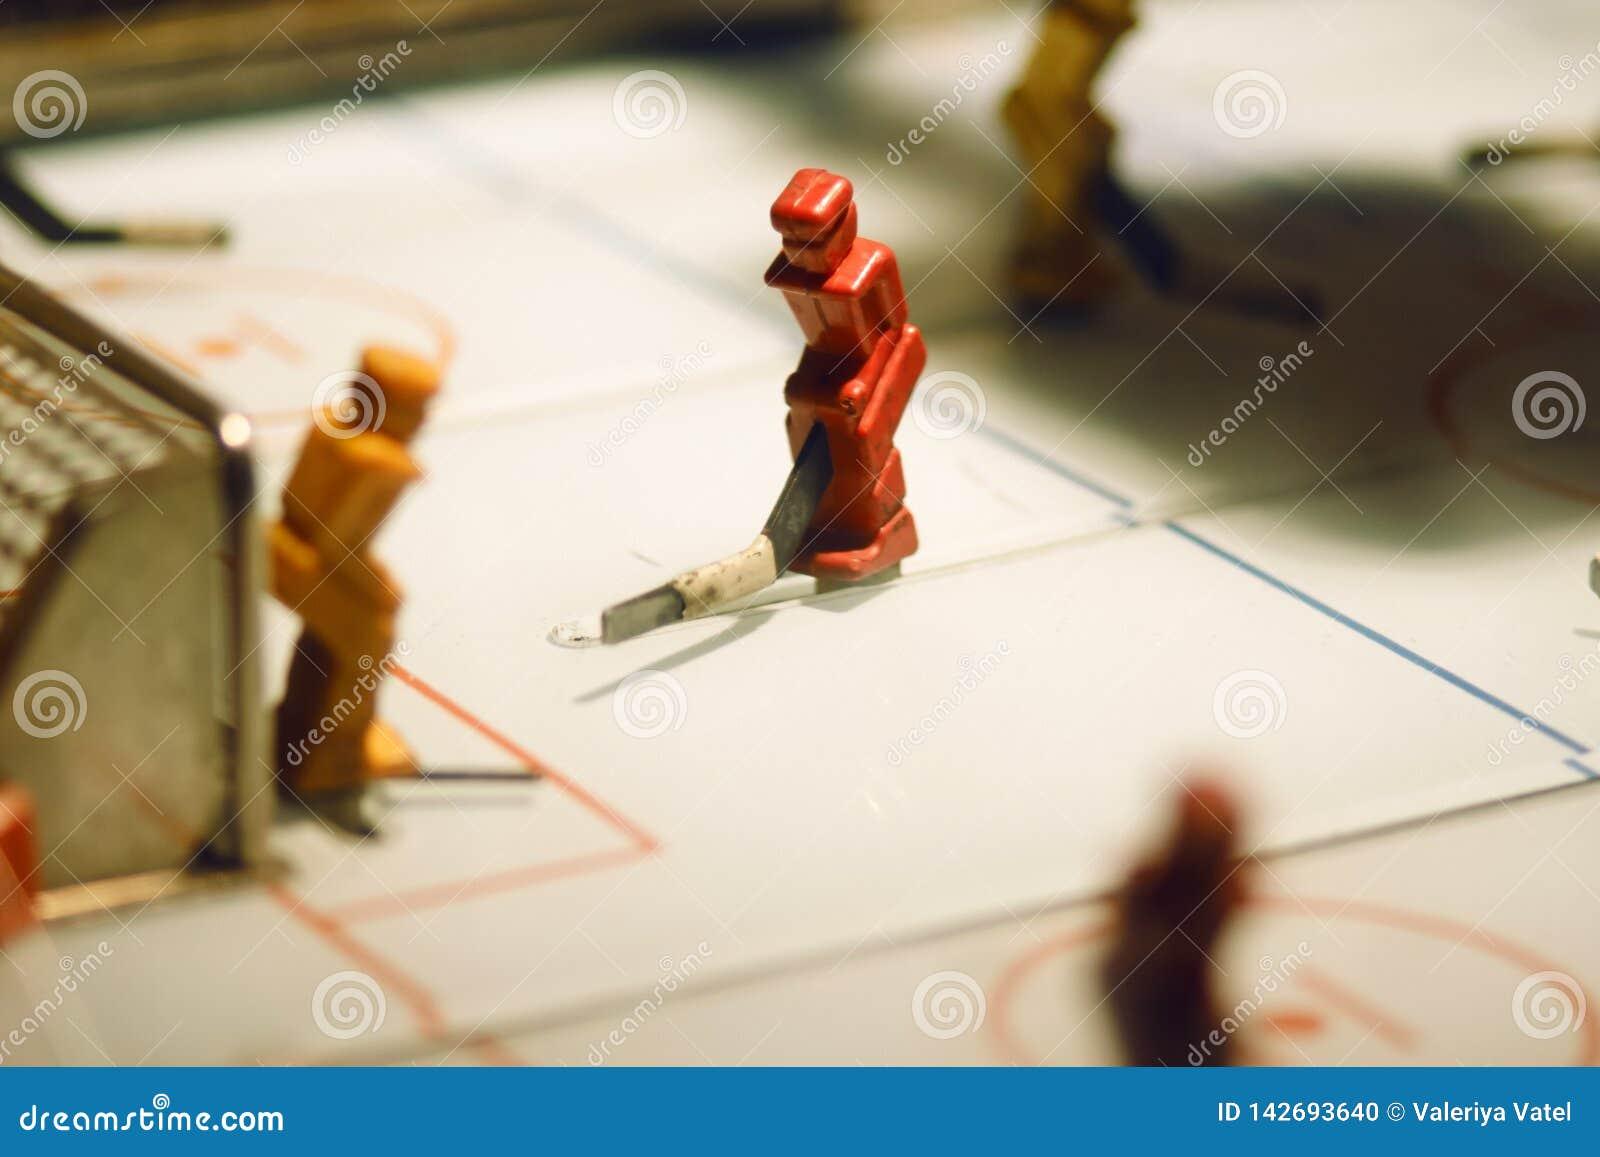 Tabelllek med diagram av hockeyspelare